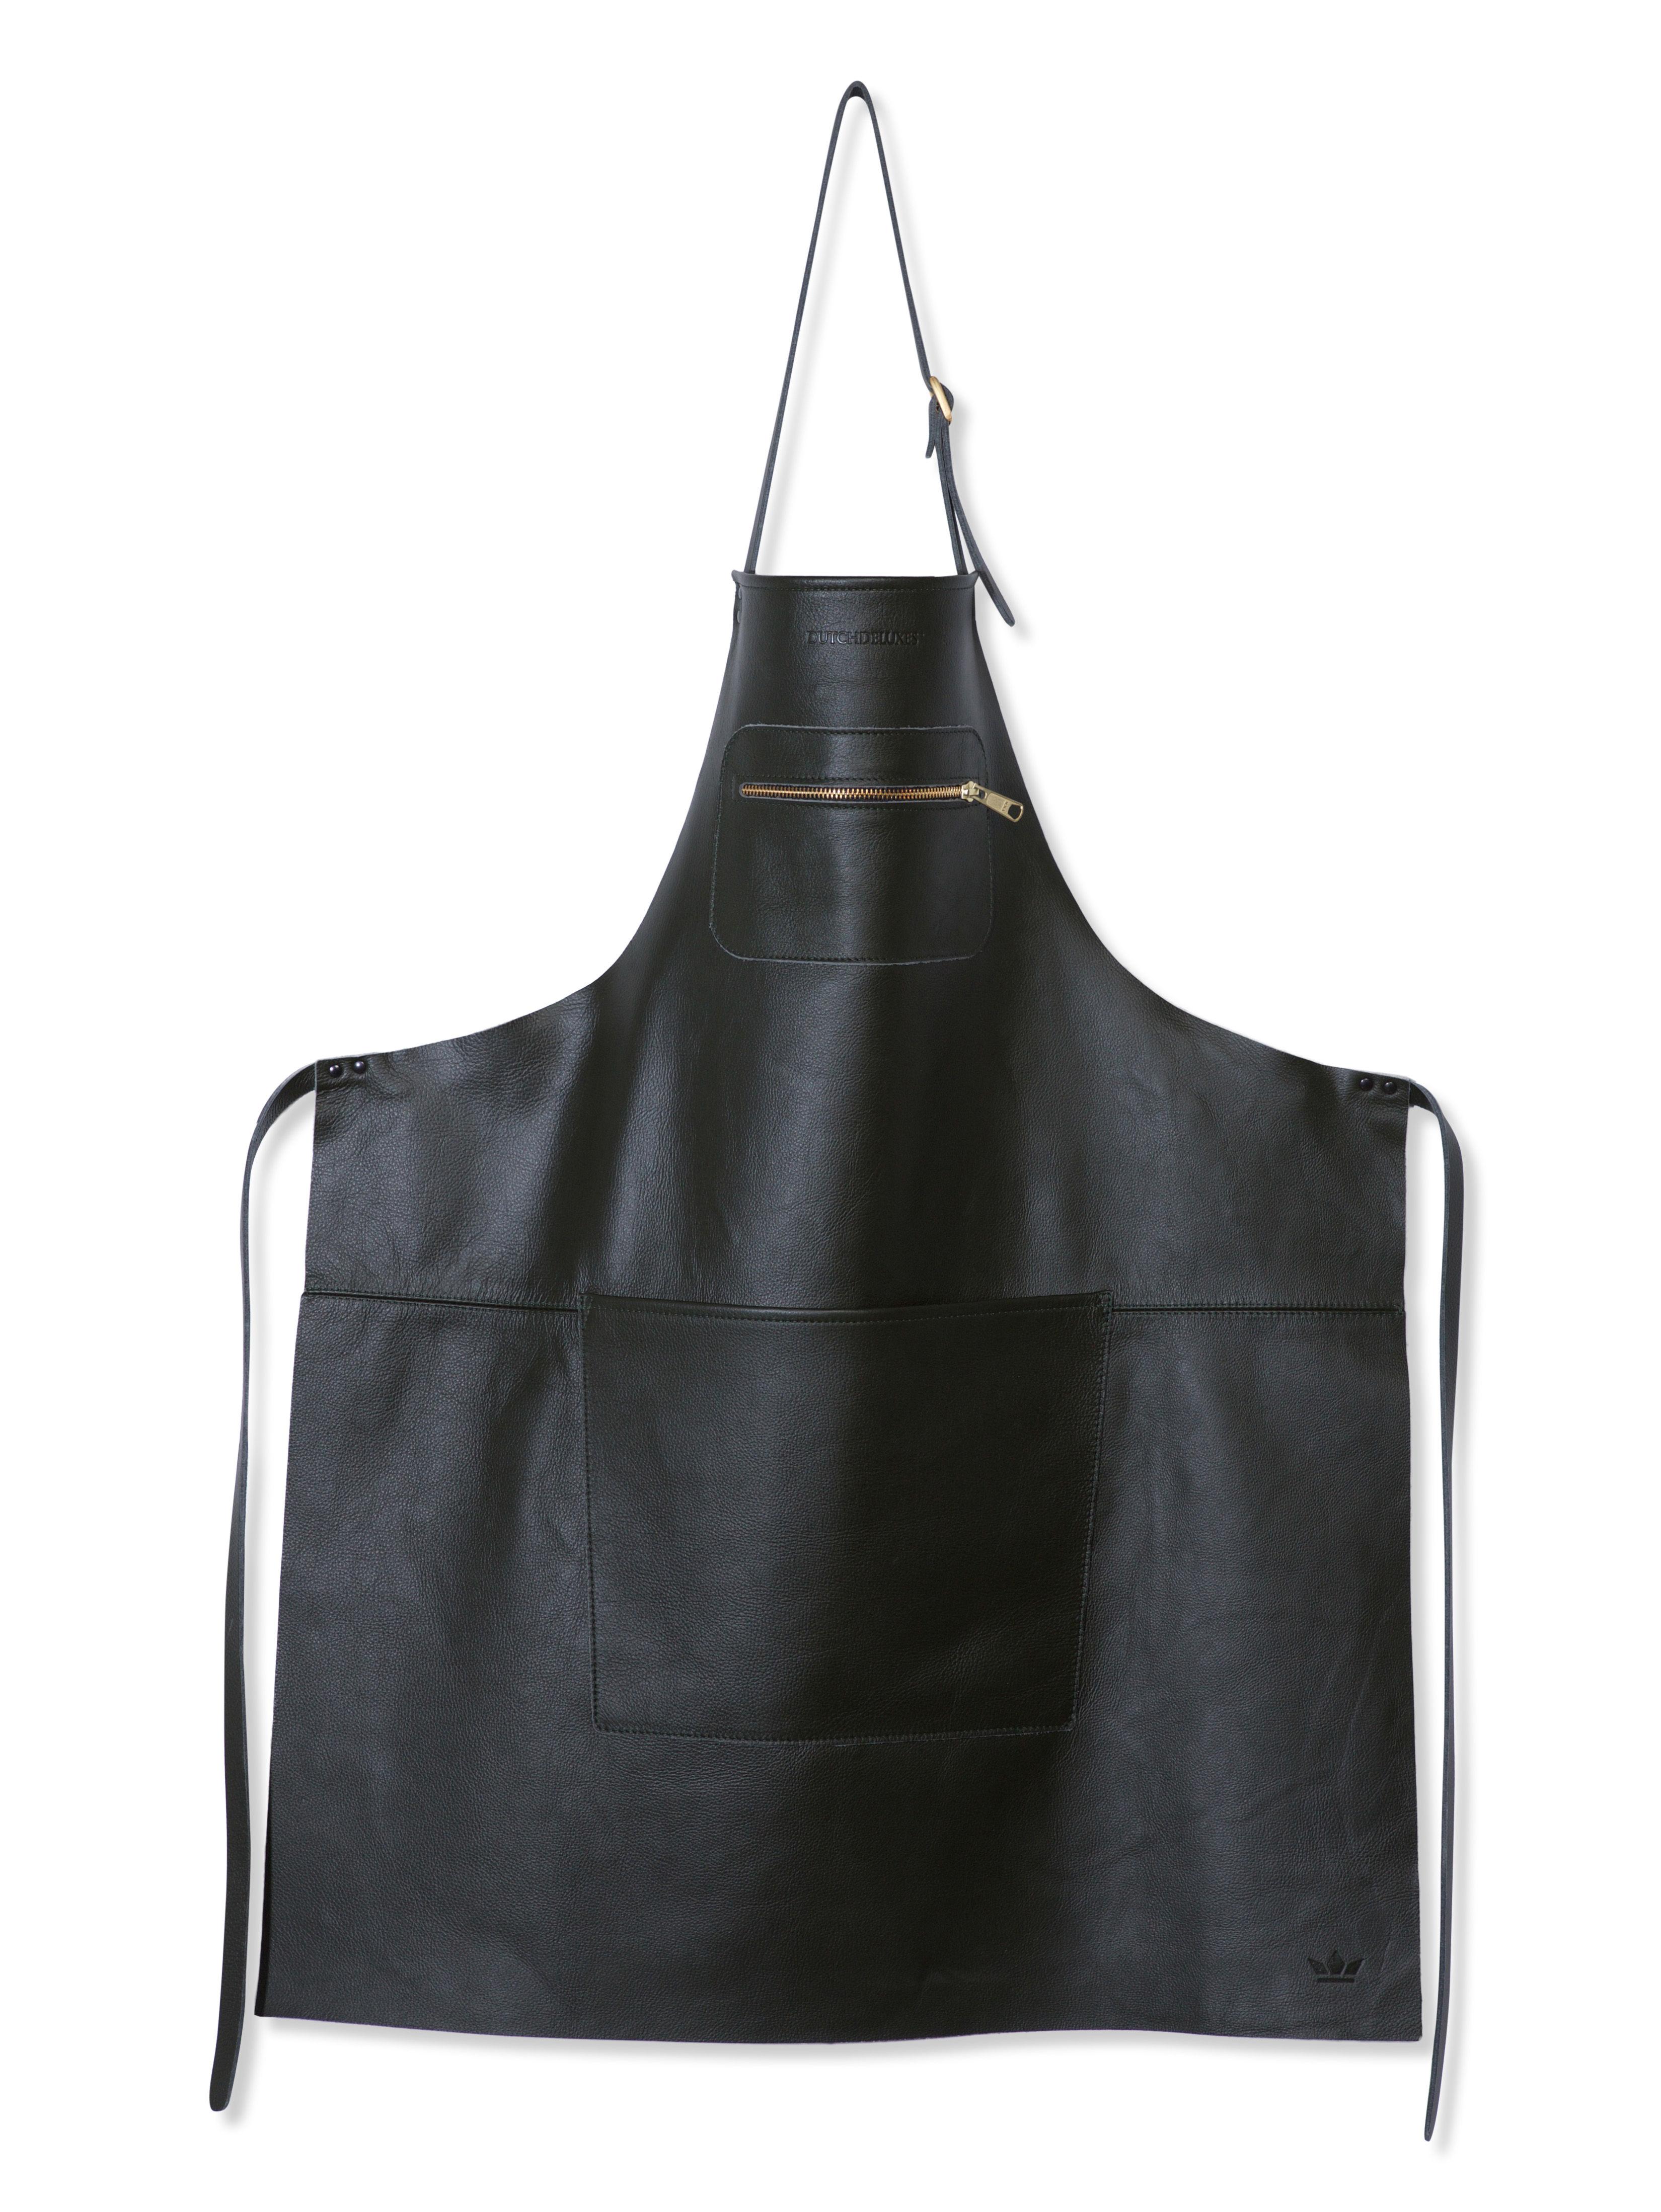 Küche - Schürzen und Geschirrtücher - Küchenschürze Leder / Reißverschlusstasche - Dutchdeluxes - Schwarz - Cuir pleine fleur